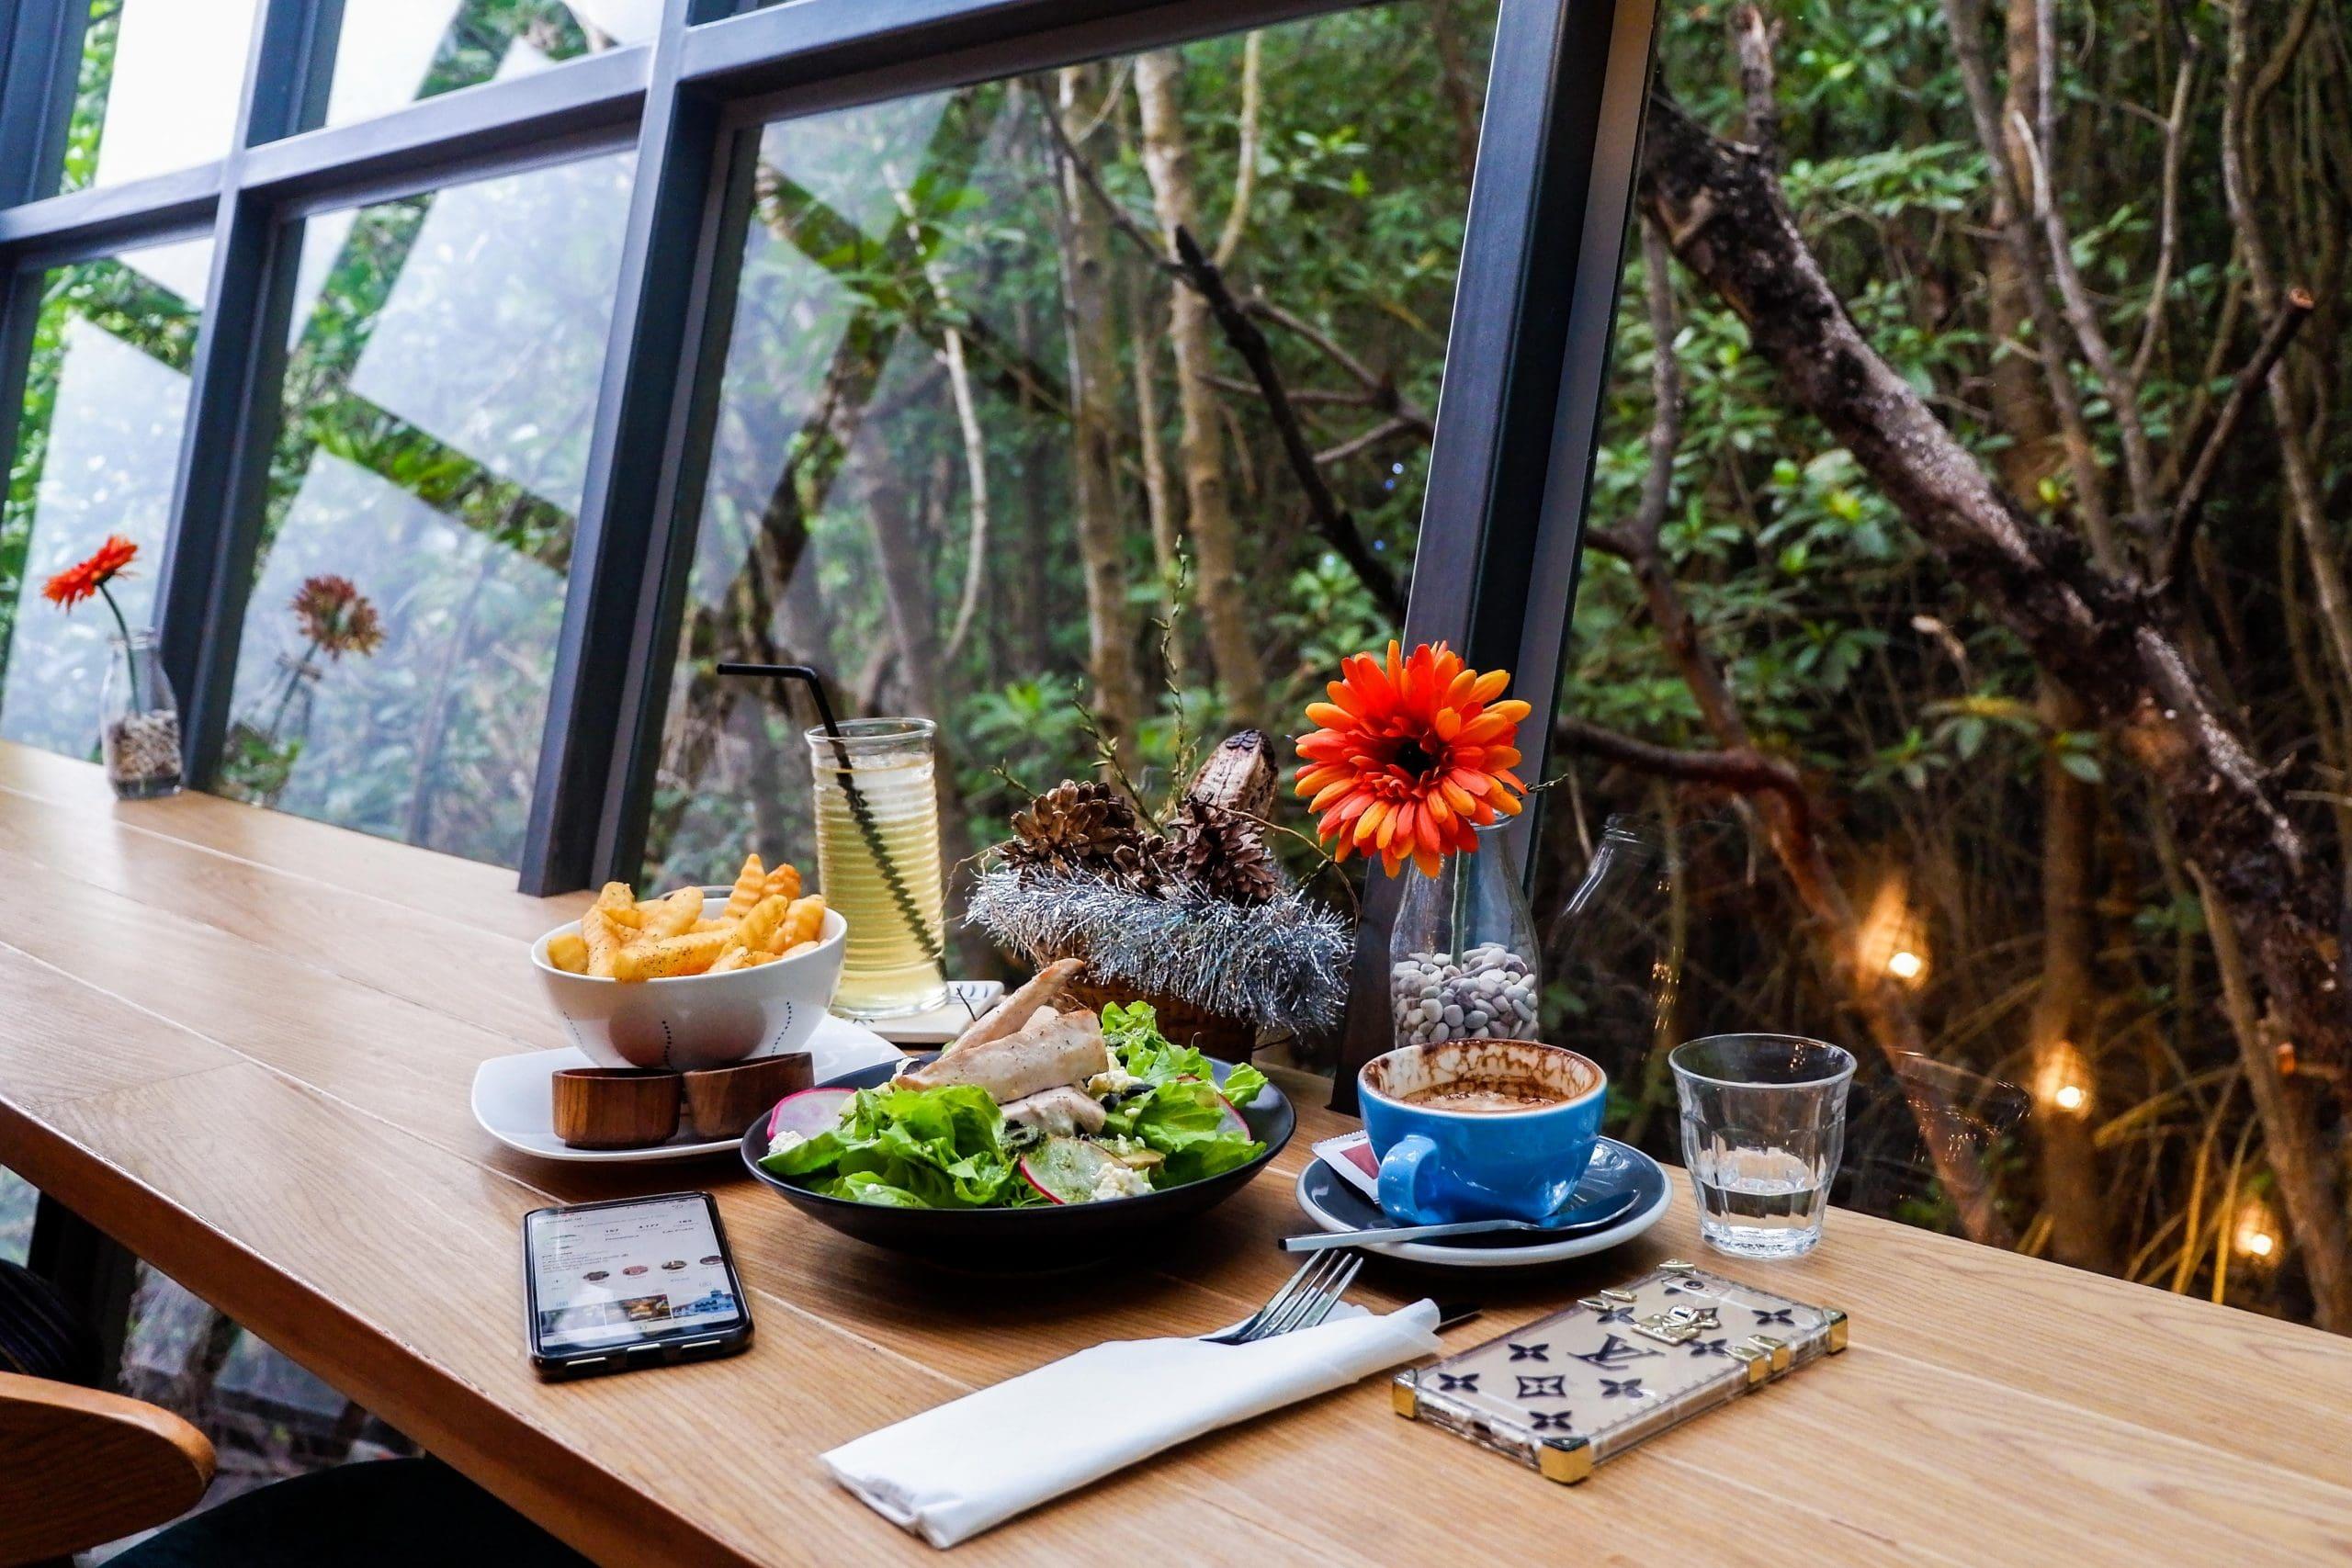 Quán Cafe View Đẹp Ở Bali